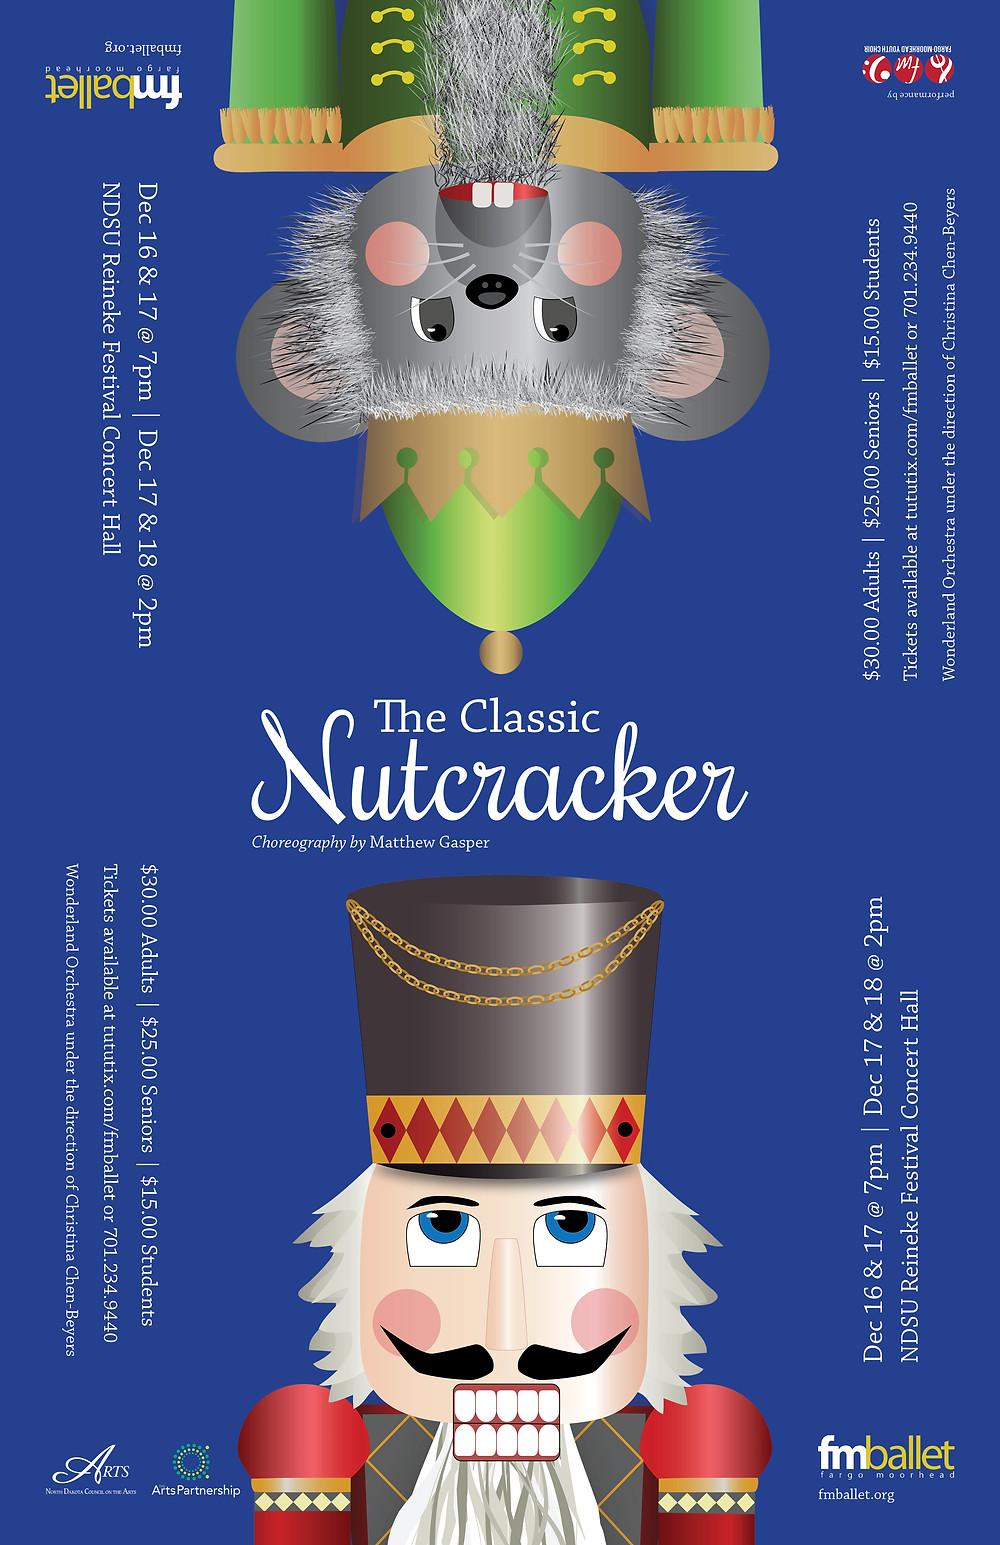 The Classic Nutcracker 2016